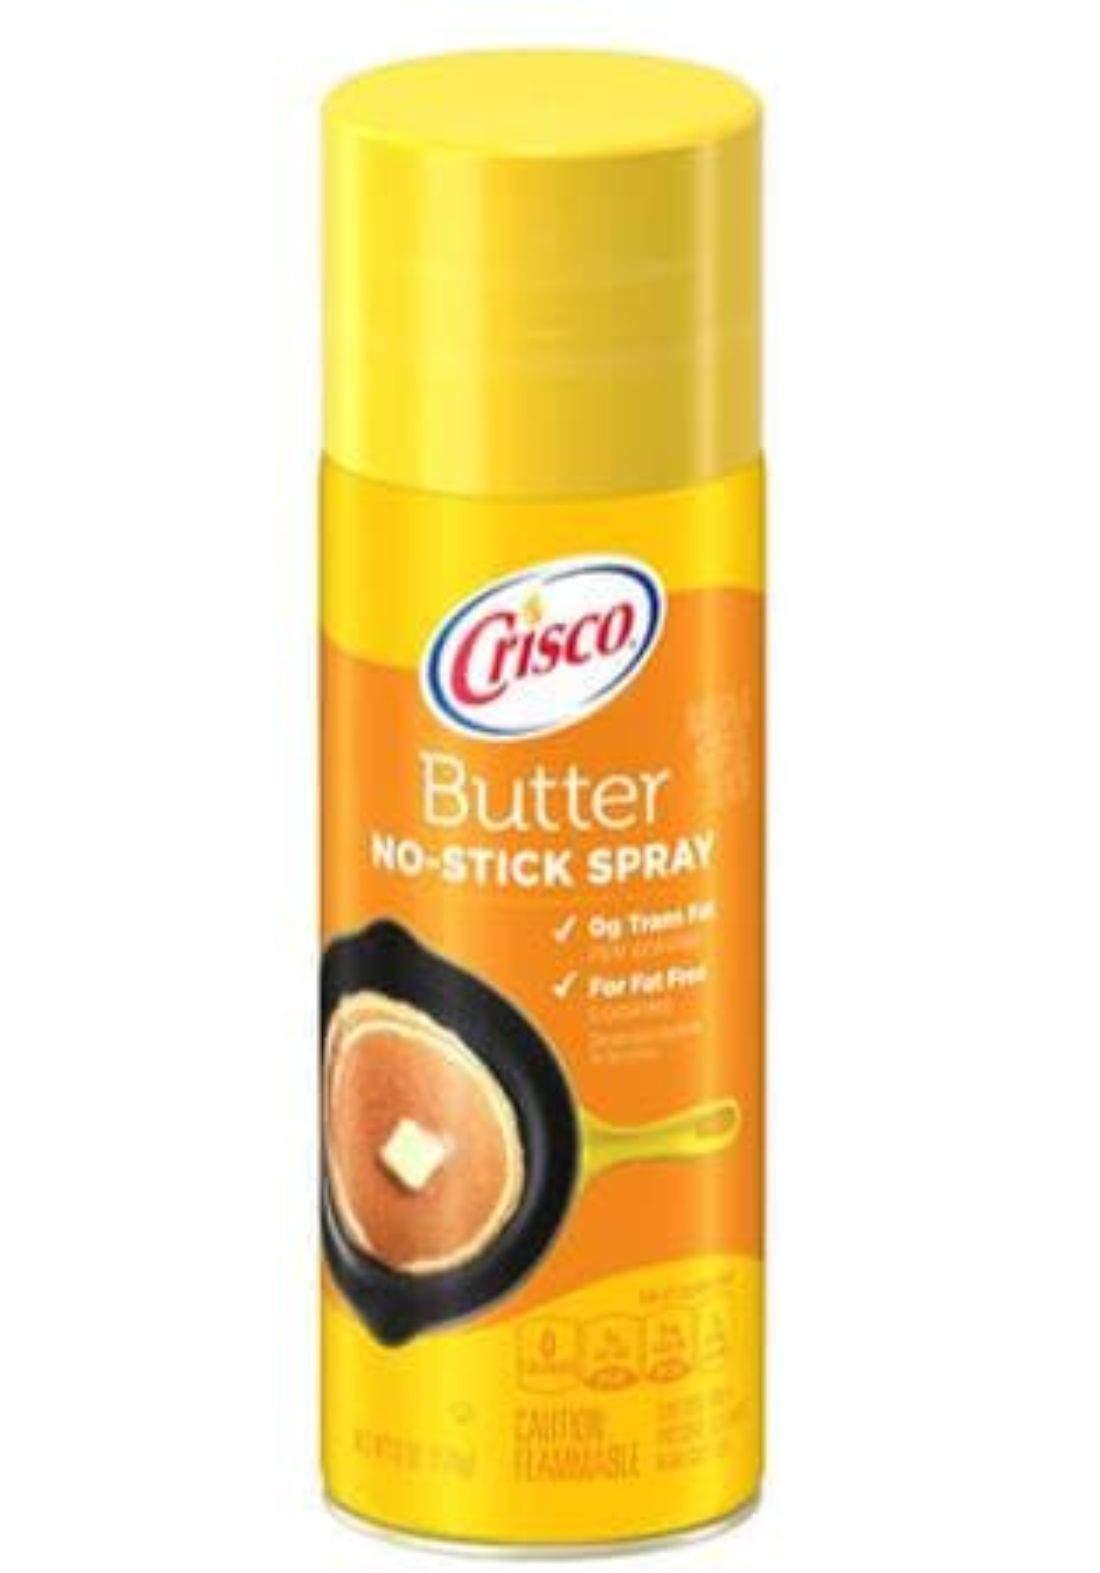 Crisco butter no-stick spray 170g كوسكو بخاخ زيت